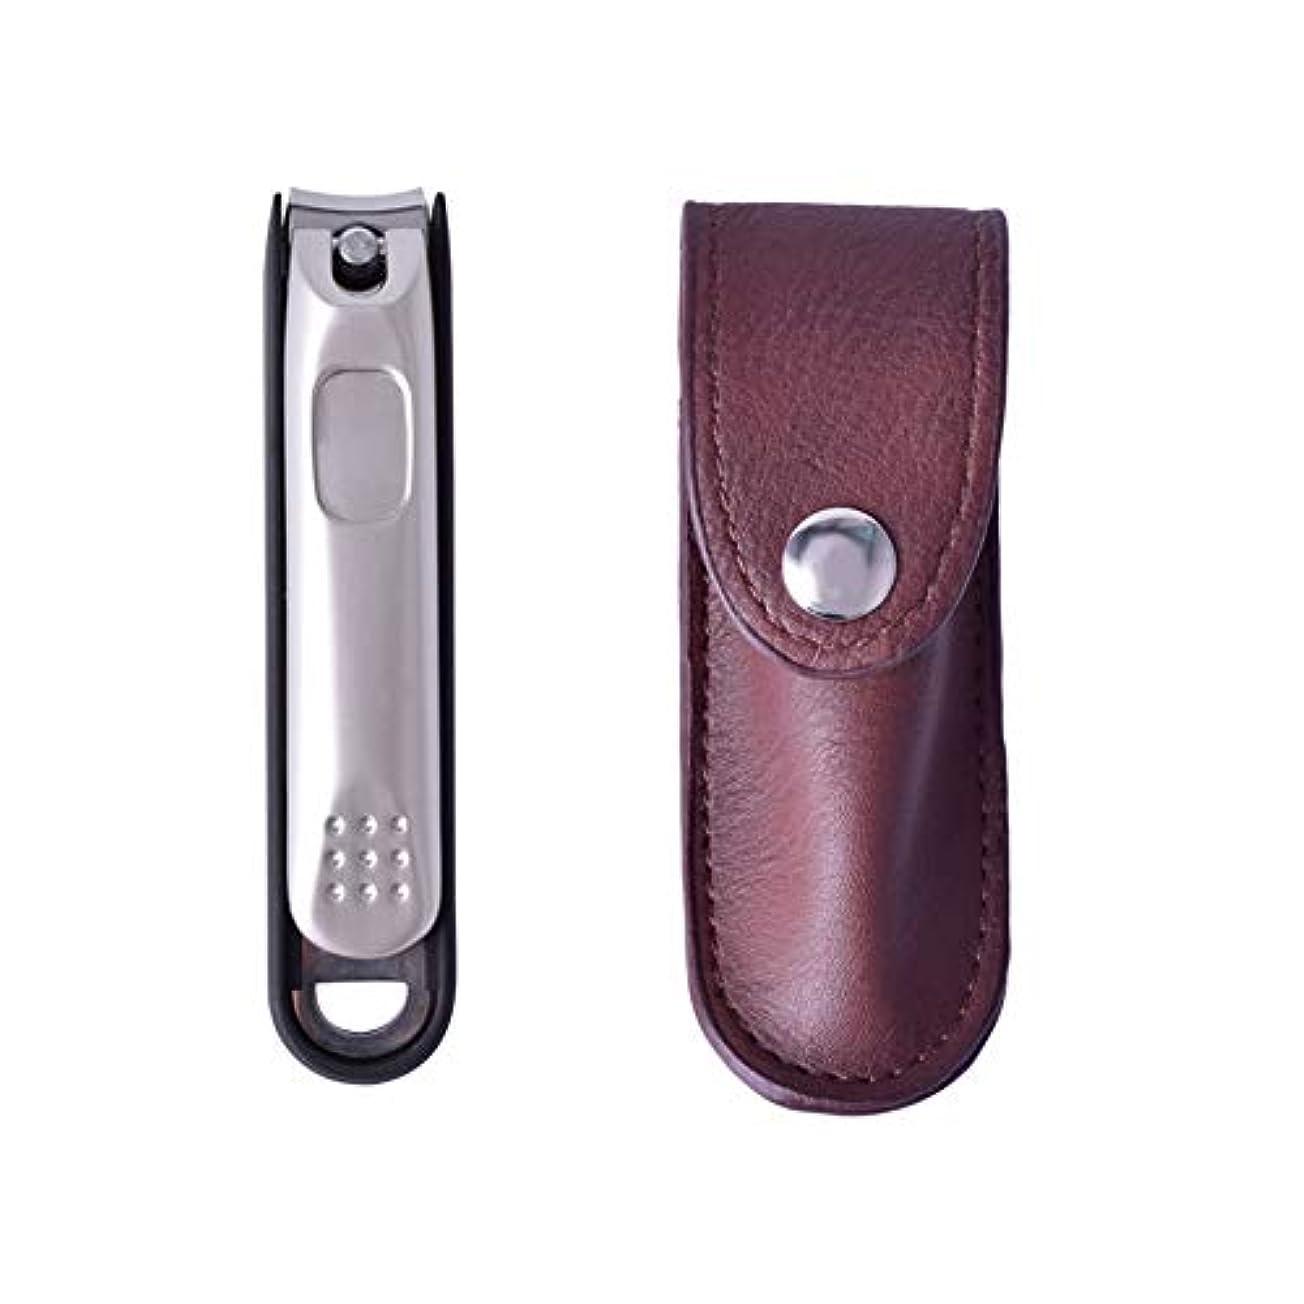 ソファー行動ロデオLITI 爪切り 飛び散り防止 ステンレス製 手足はがね 切れ味が良い 握りやすい コンパクト 巻き爪/硬い爪/甘皮に最適 男女兼用